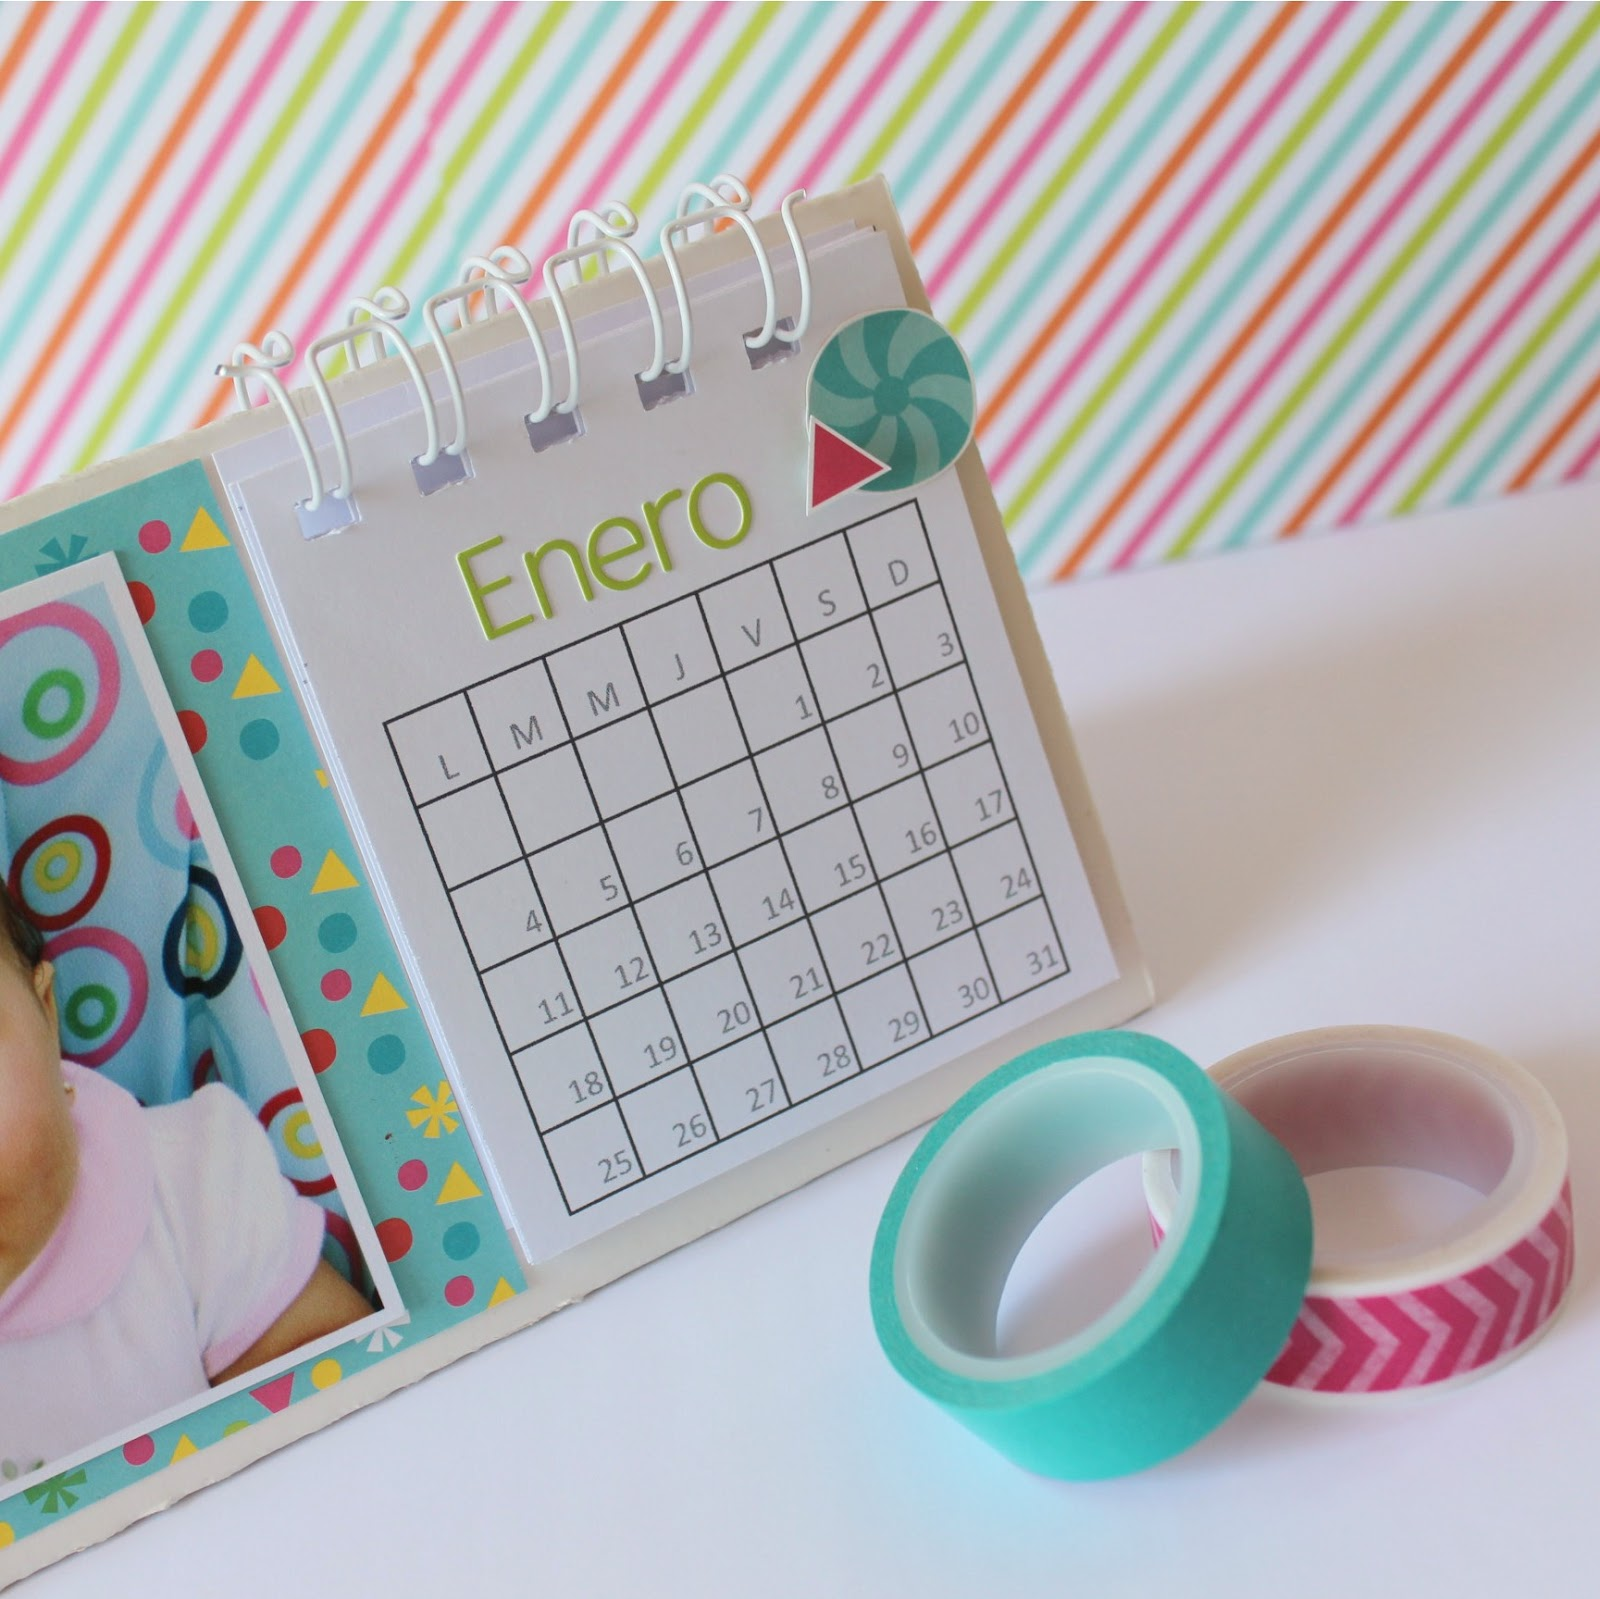 me gust mucho hacer este calendario creo que har varios para regalar a mis cercanor estas fiestas qu tengan un bonito inicio de semana